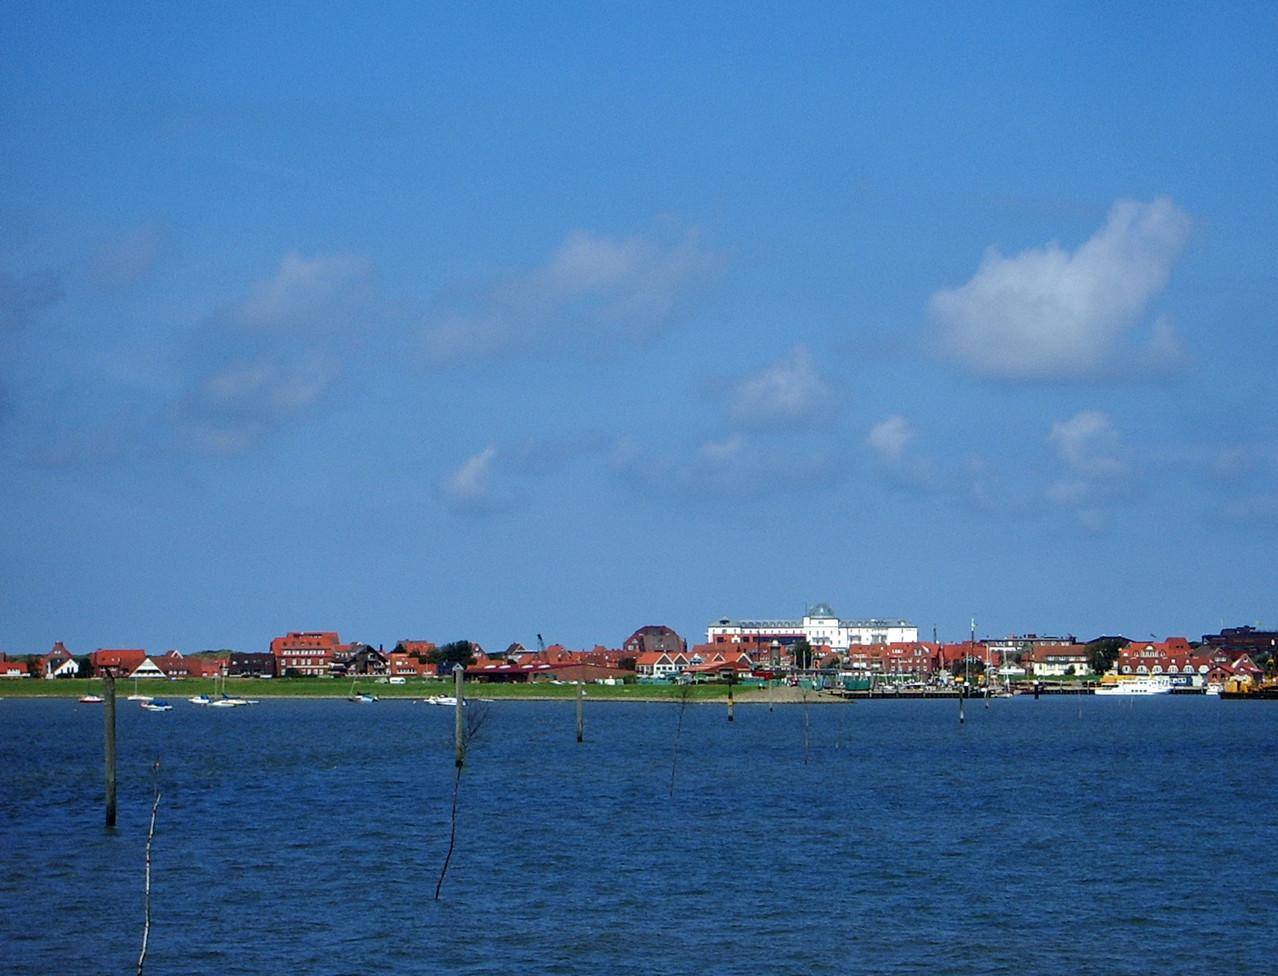 Ihr juist erlebnis f ngt schon mit der anreise an haus for Insel juist ferienwohnung